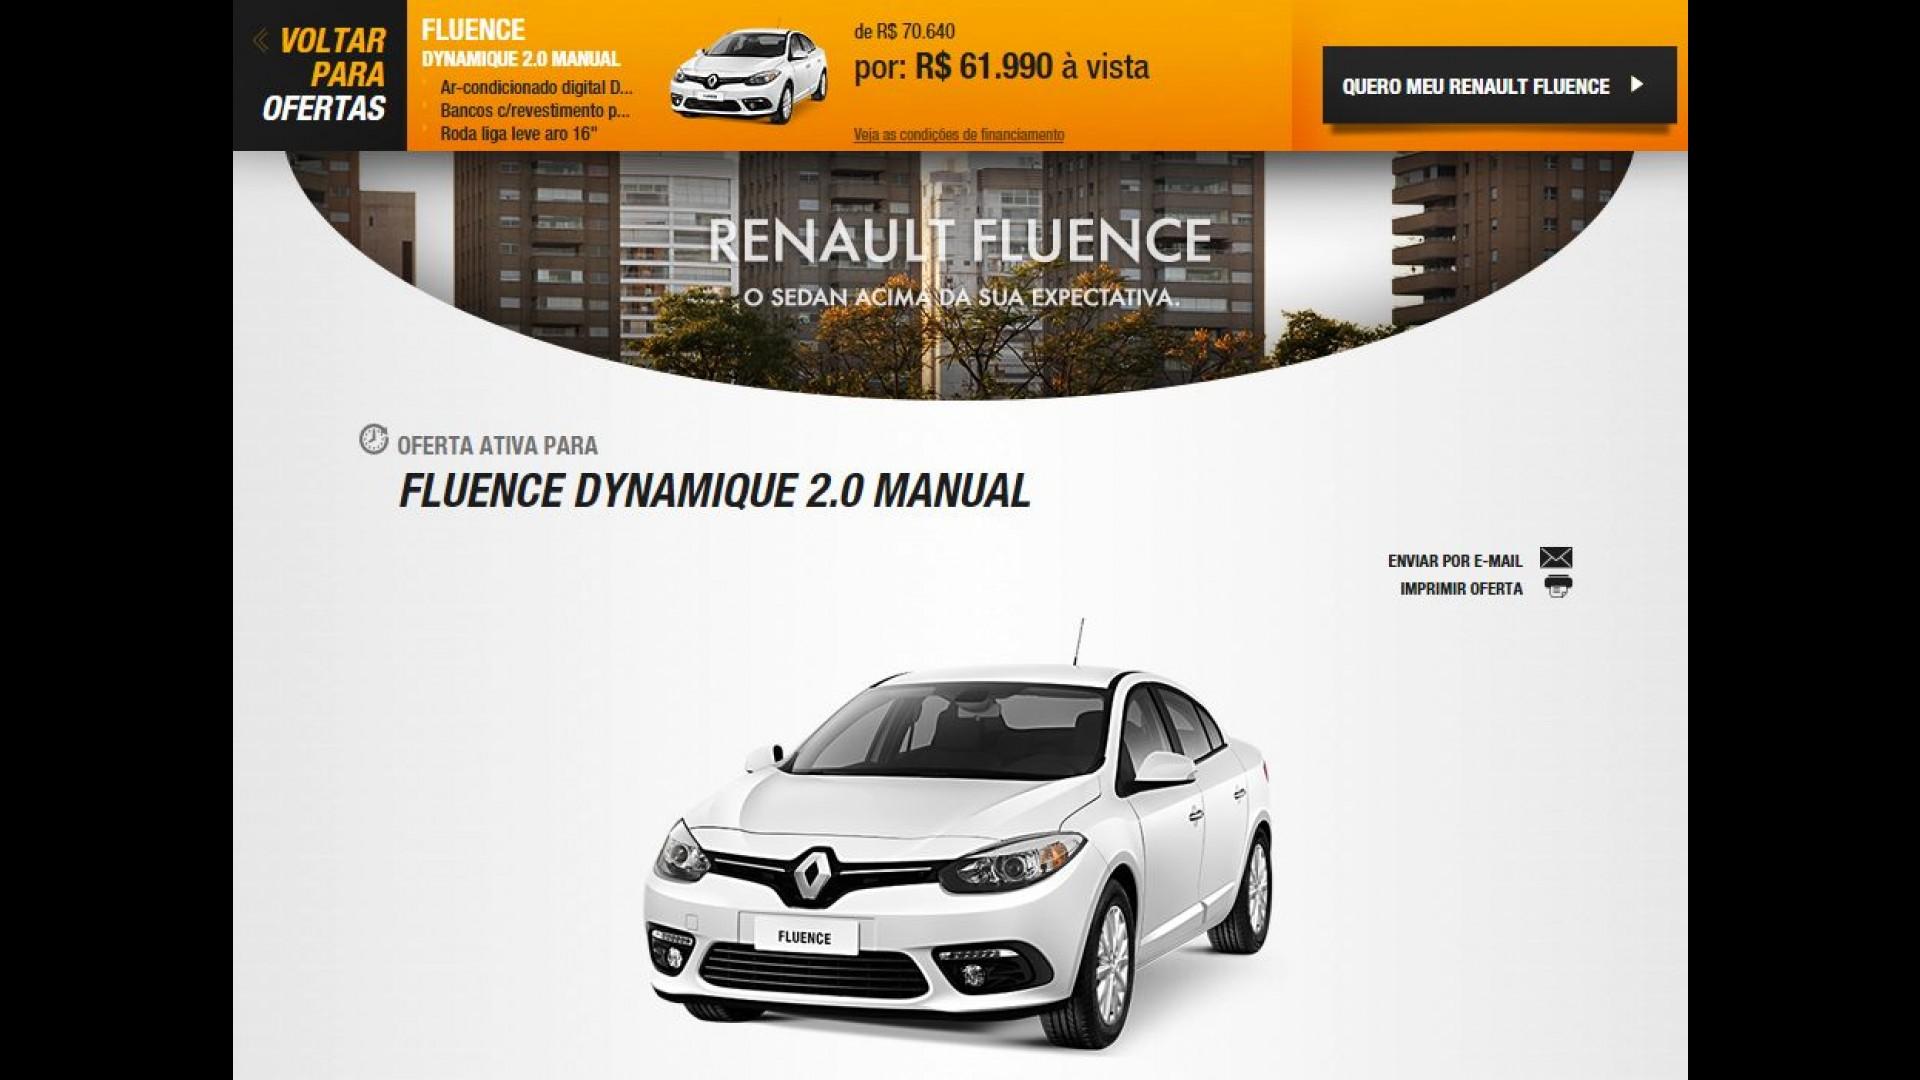 3d5a9423f9b Renault Fluence está sendo oferecido por R$ 61.990 em promoção